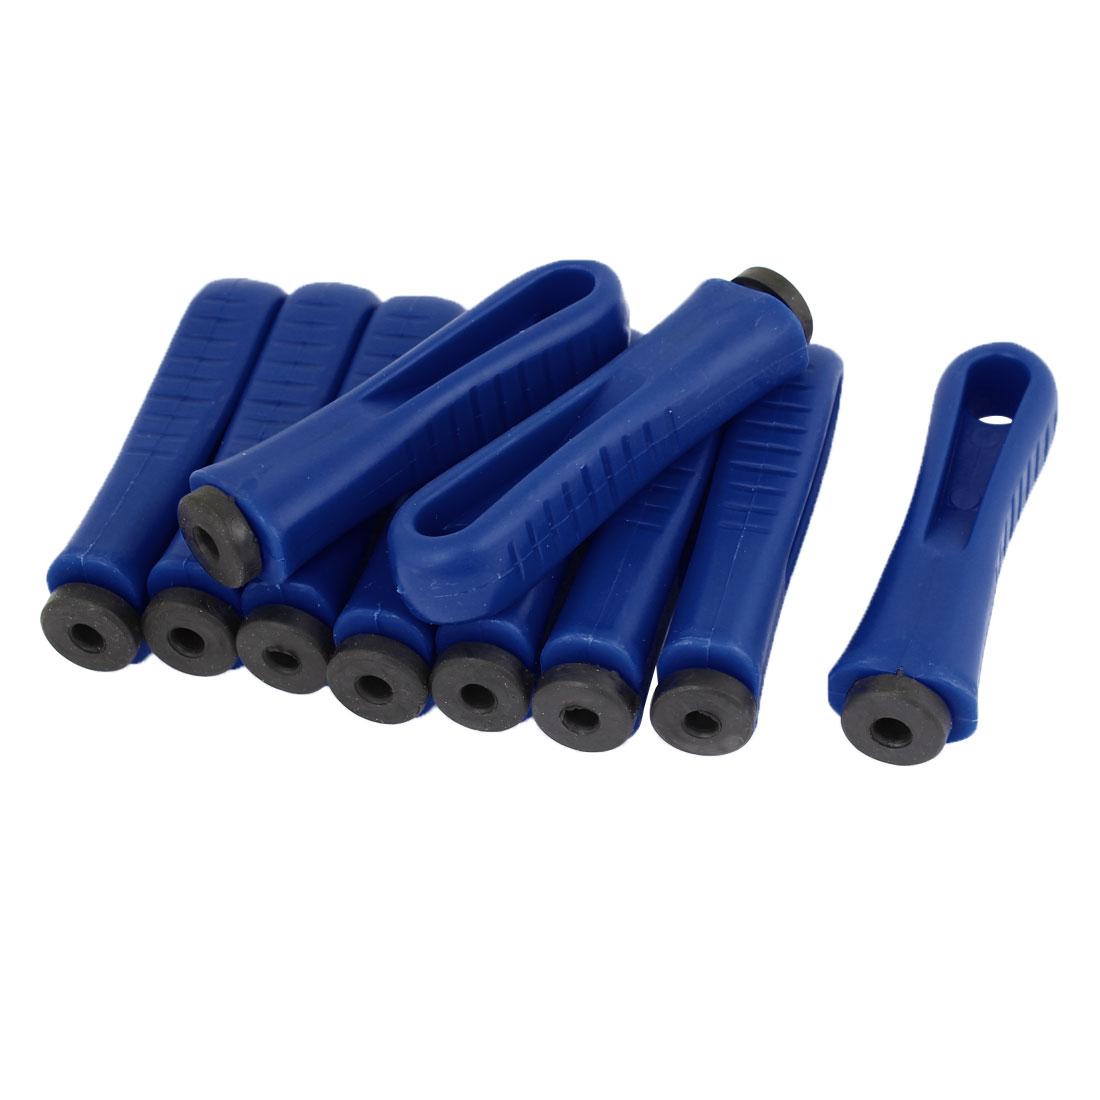 Unique Bargains Blue Plastic Nonslip File Handles Replacement Grater Pedicure Tool 10 Pcs